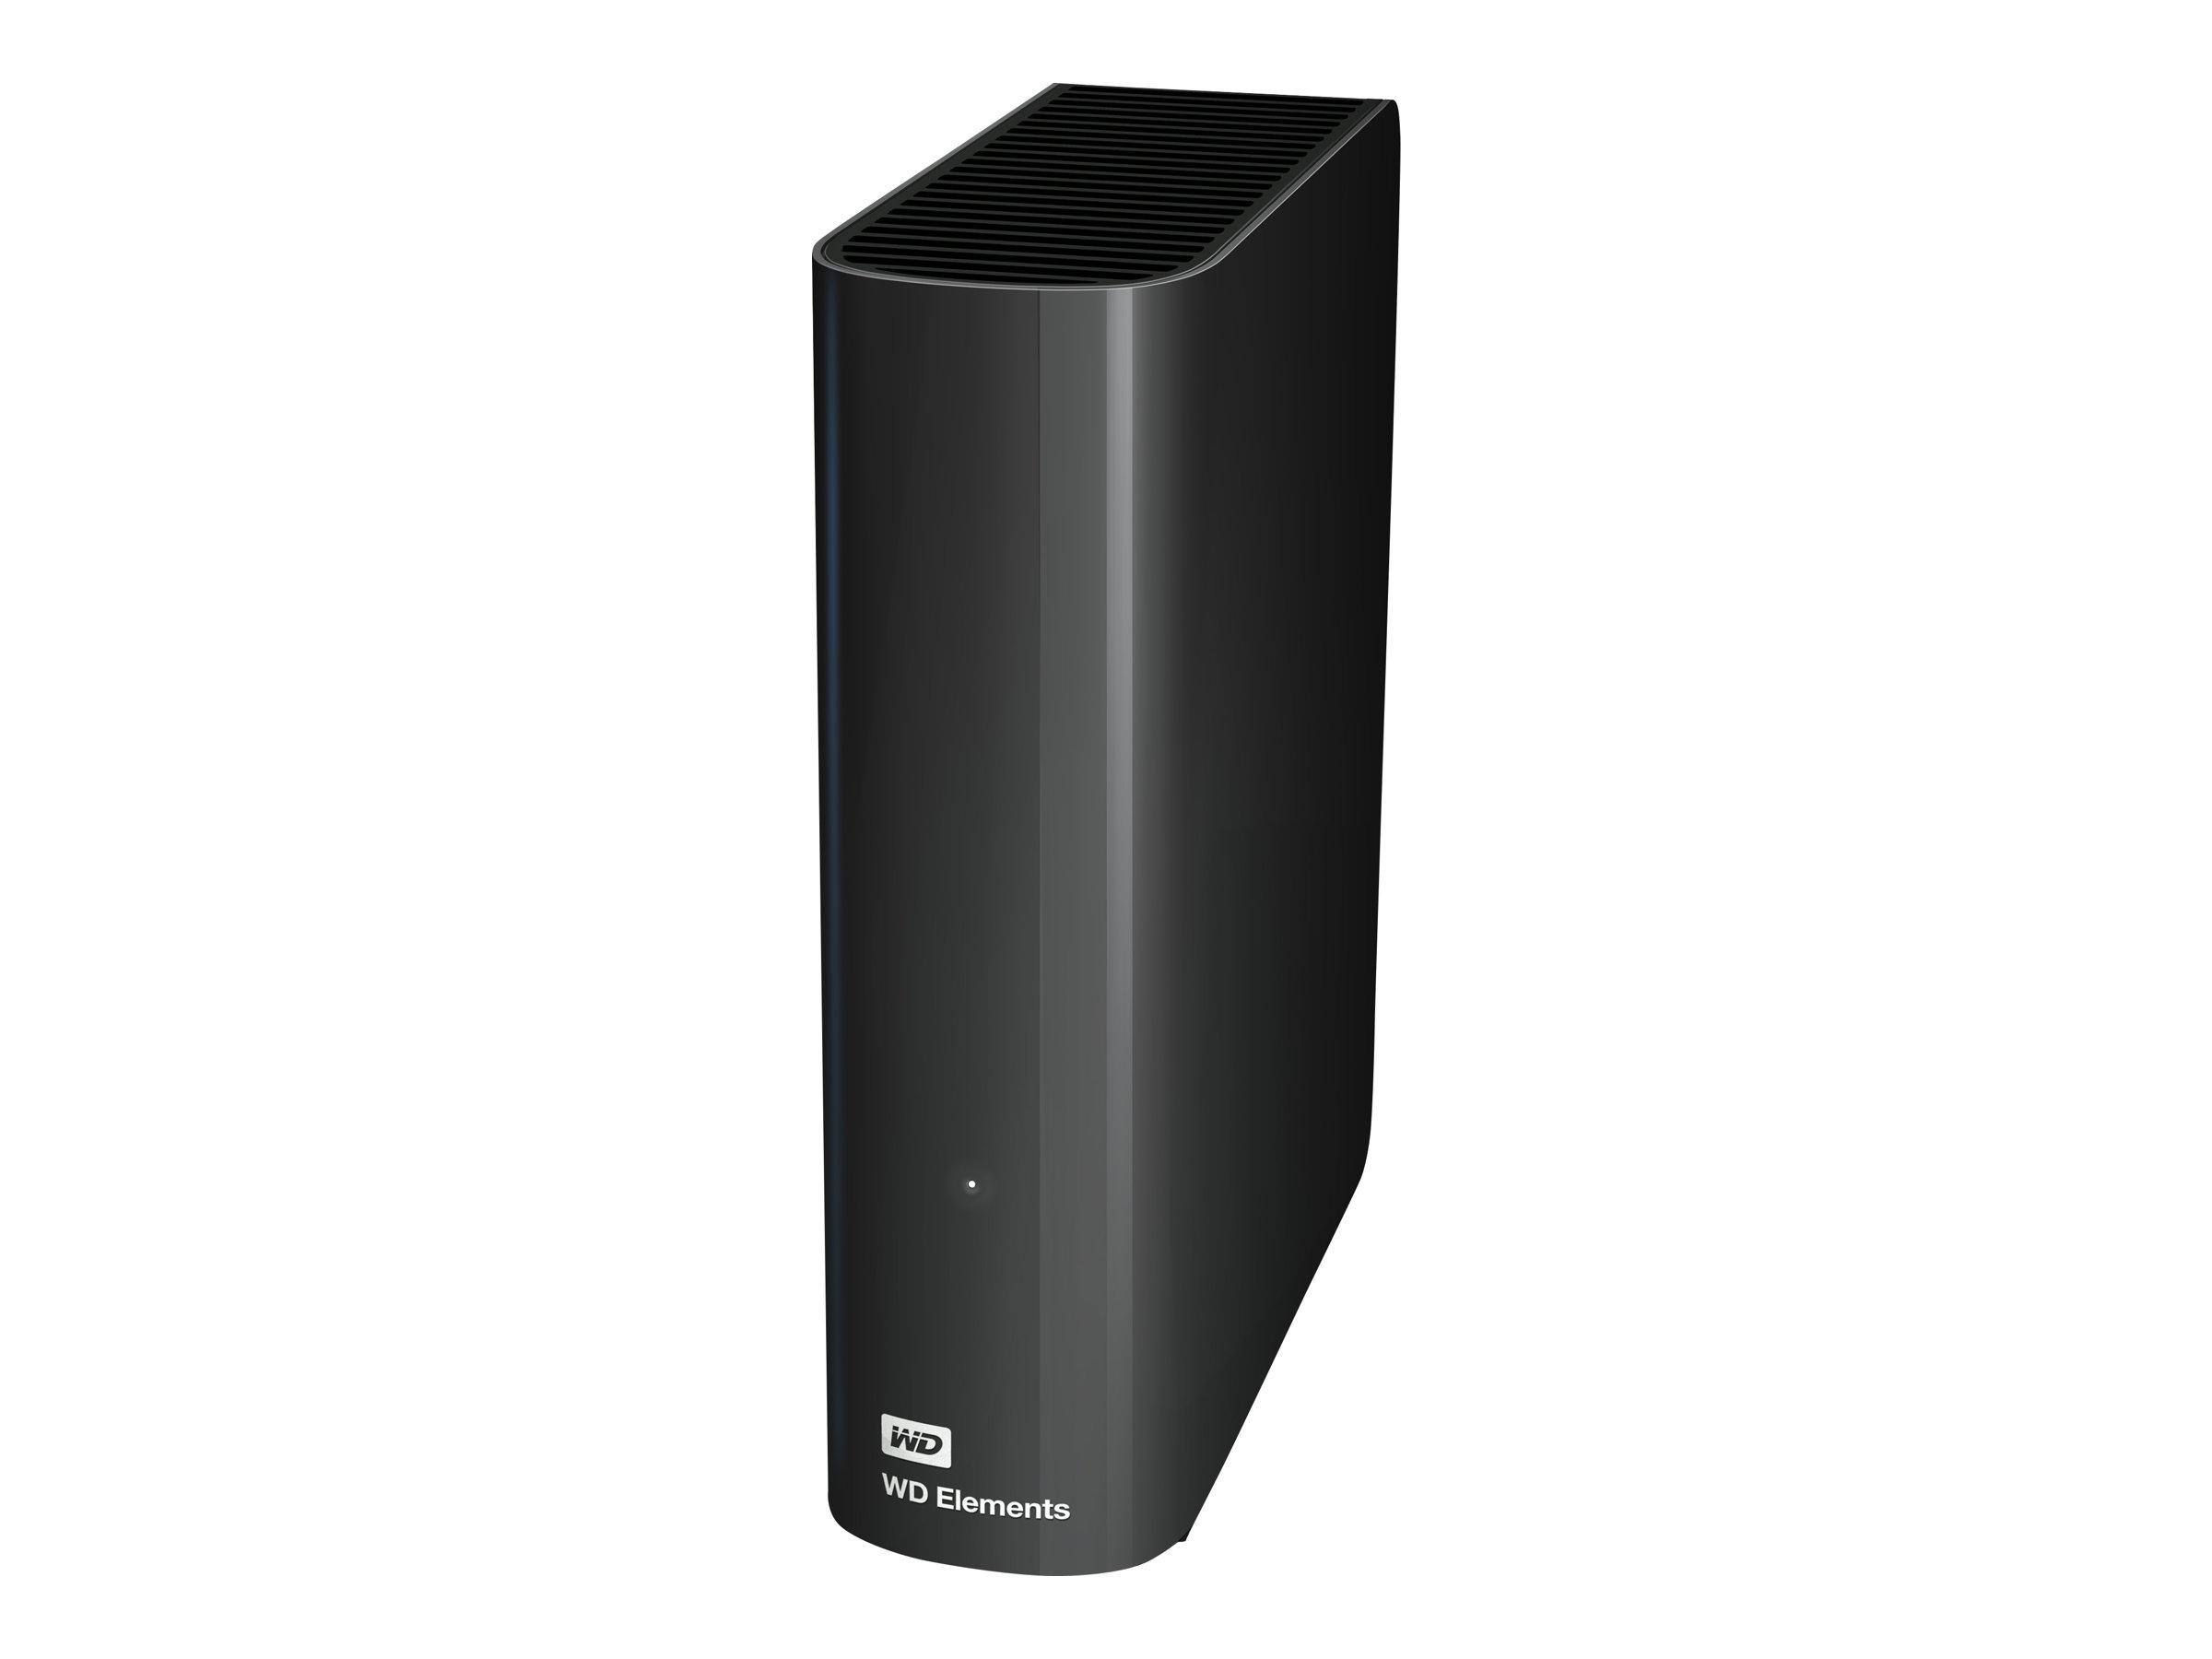 WD Elements Desktop WDBWLG0030HBK - Festplatte - 3 TB - extern (Stationär) - USB 3.0